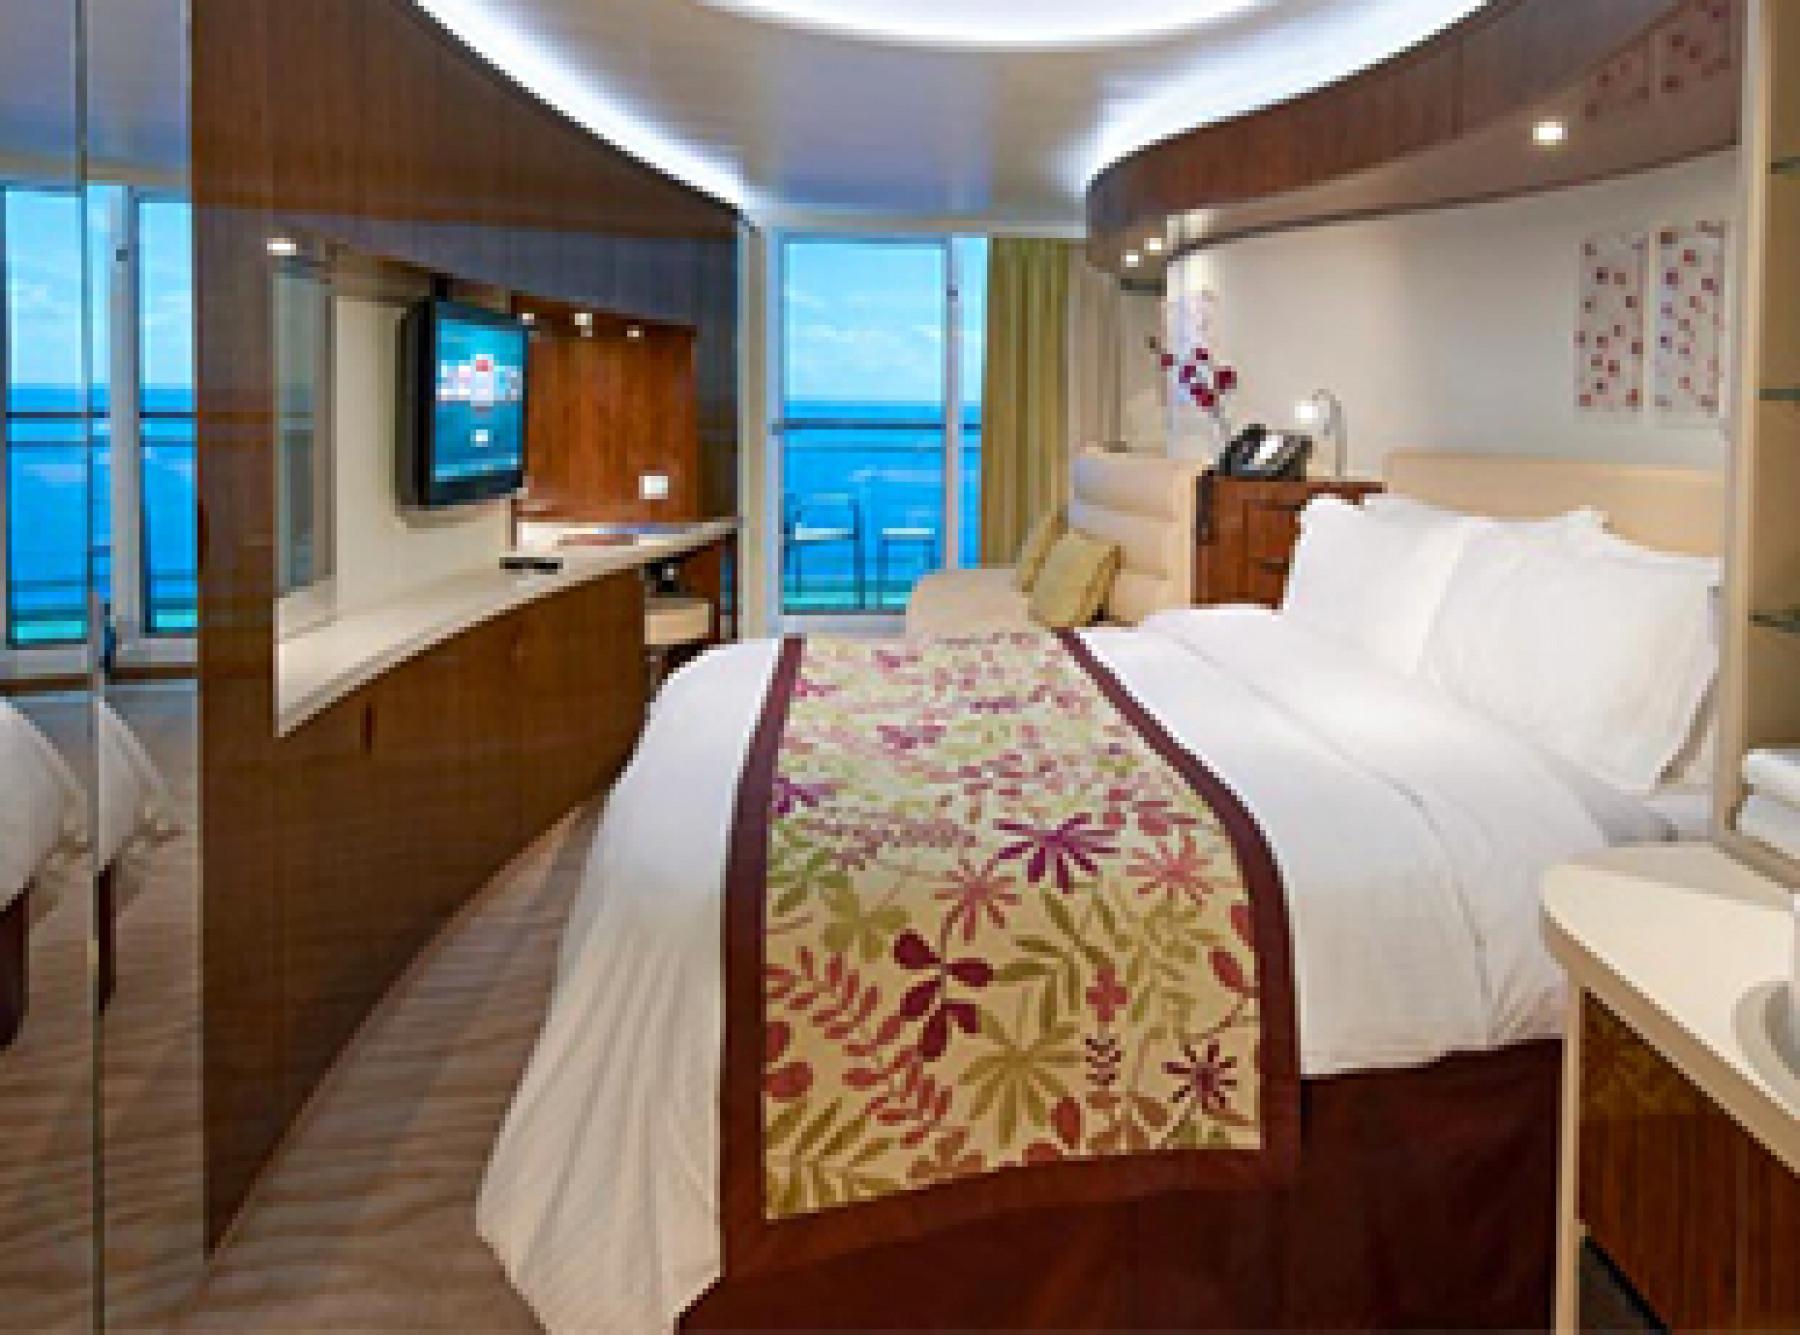 Norwegian Cruise Line Norwegian Epic Accommodation Spa Mini Suite.jpg